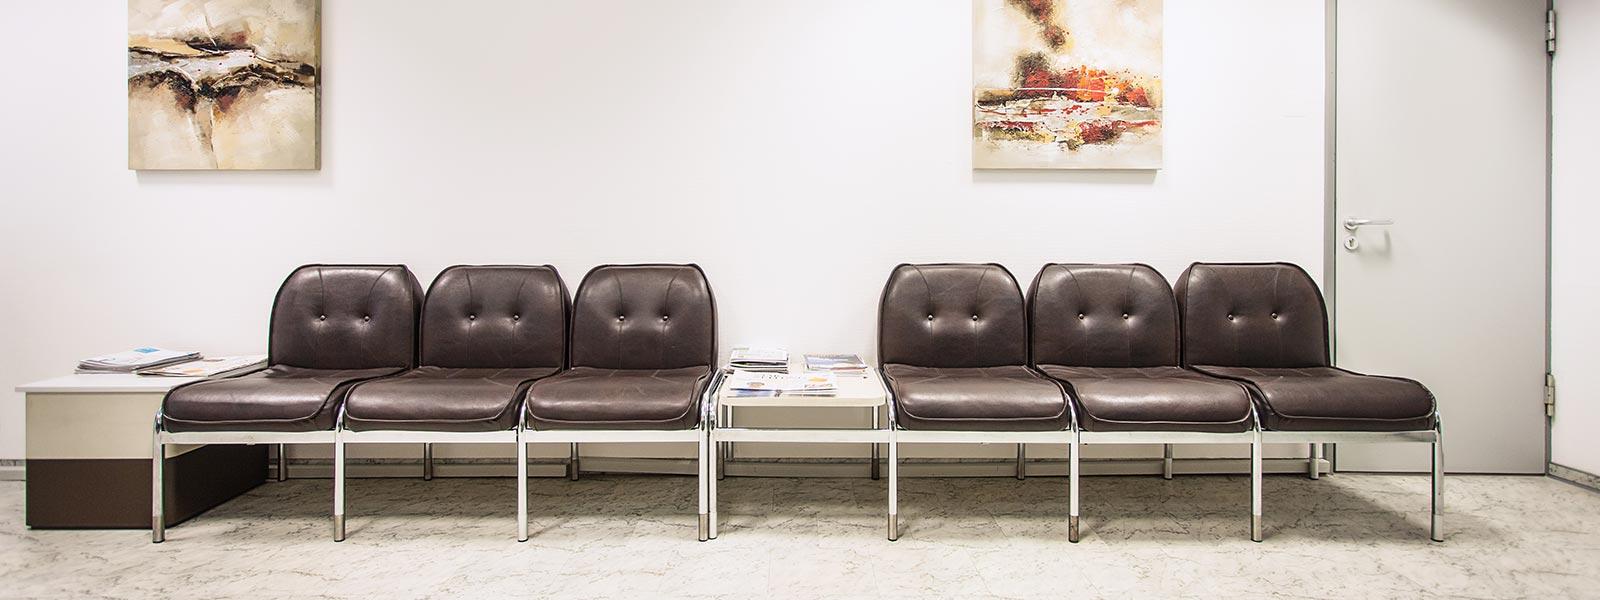 Kardiologie Dillingen - Wartezimmer